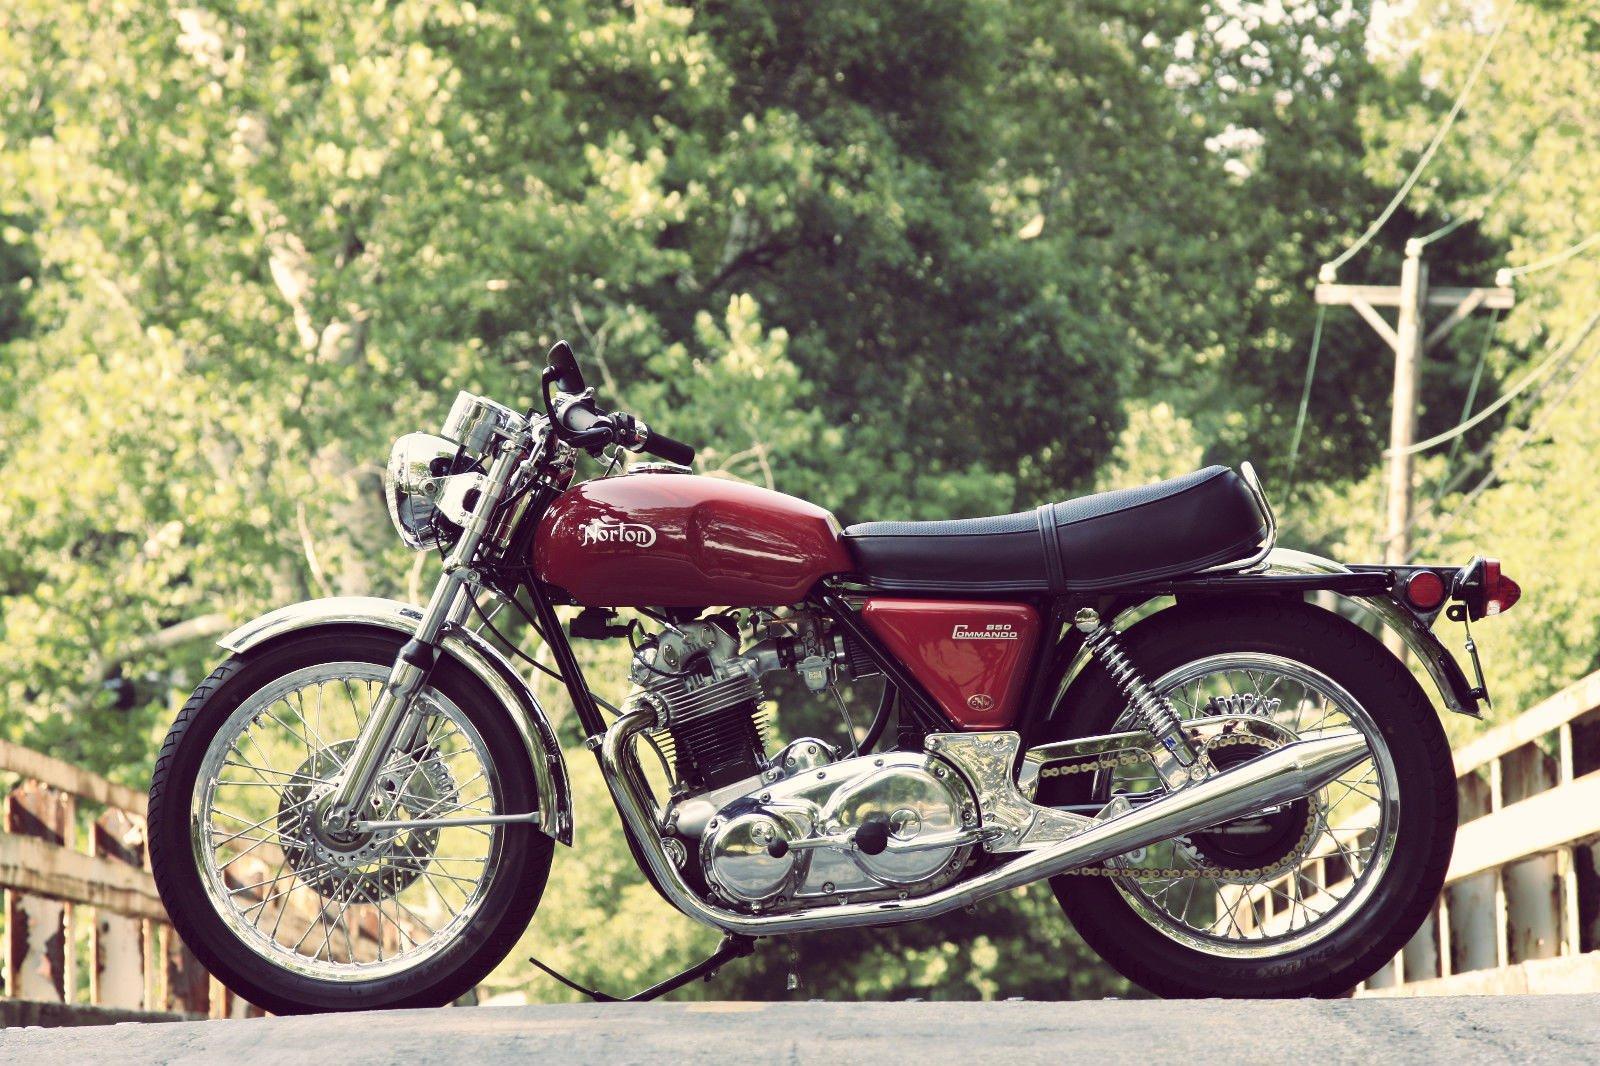 Cheap Used Cars >> 1975 Norton Commando - Silodrome